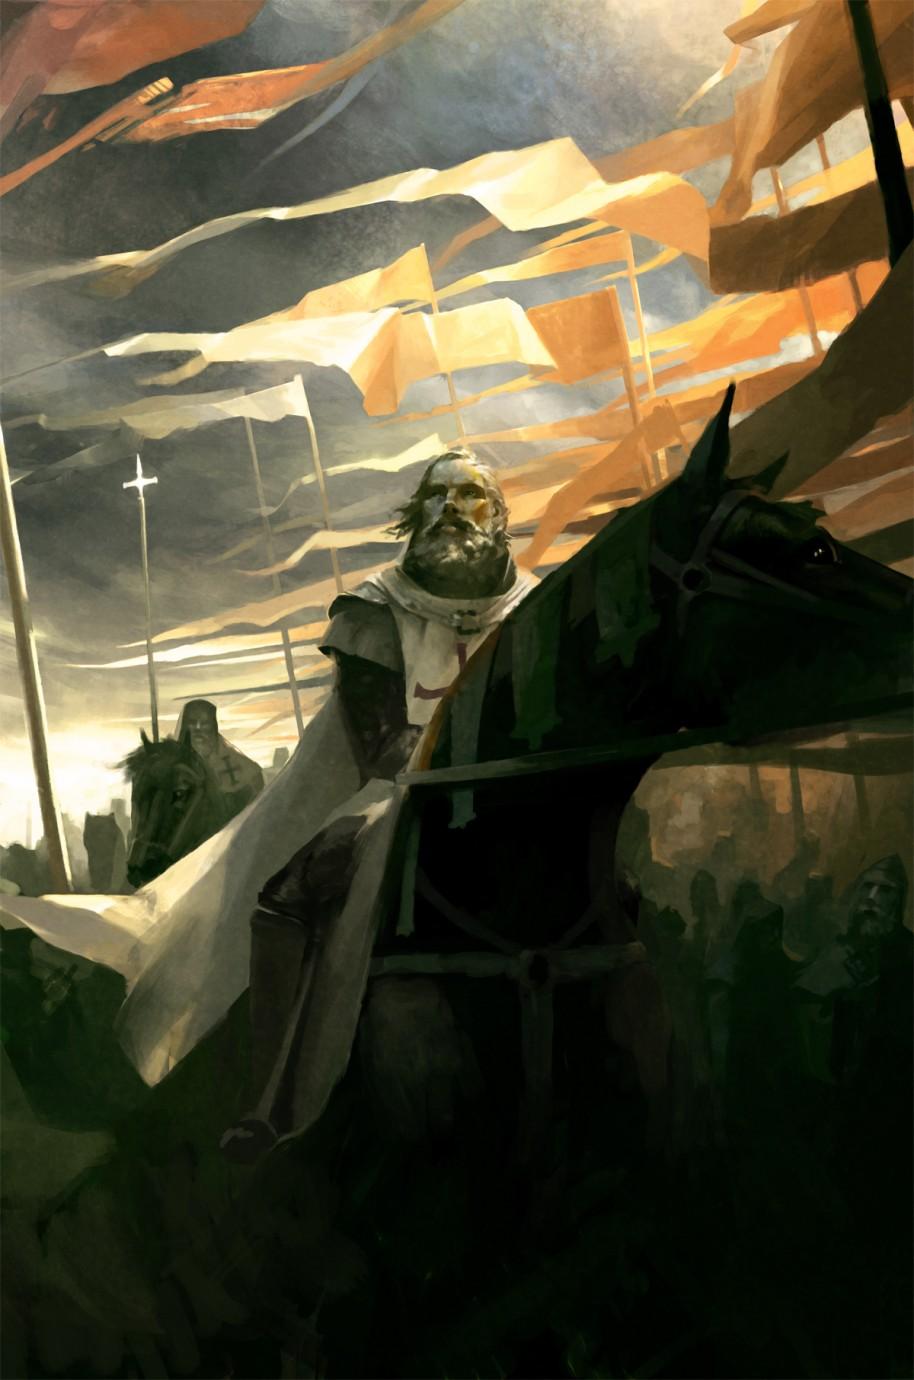 Crusaders Kings 2 resulta sorprendente por el modo que retrata las disputas dinásticas en la Edad Media.